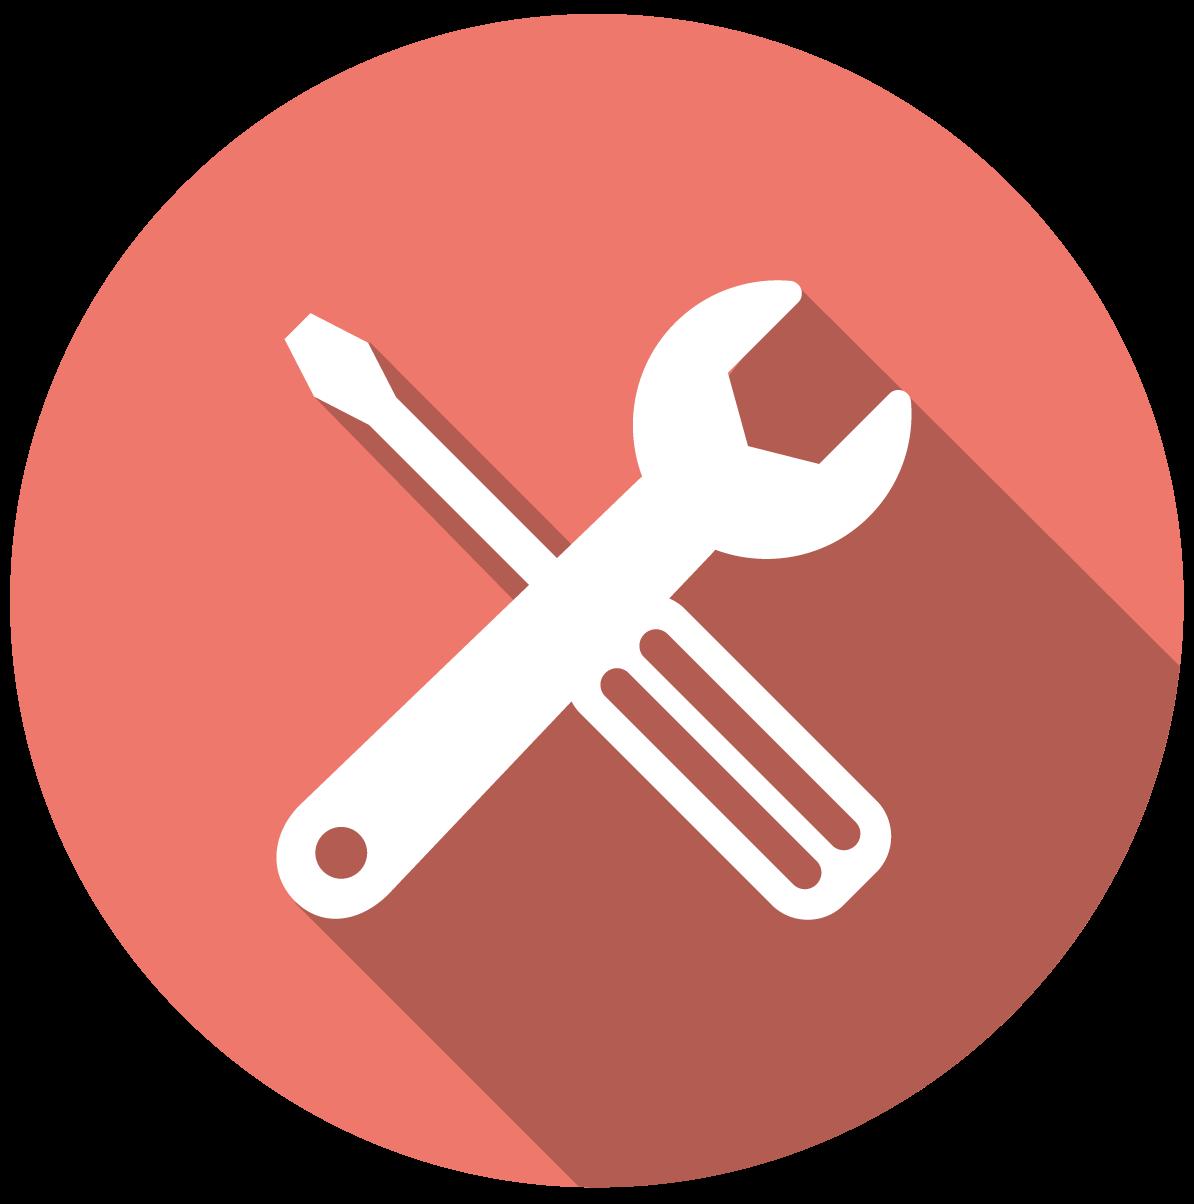 Icono de mantenimiento